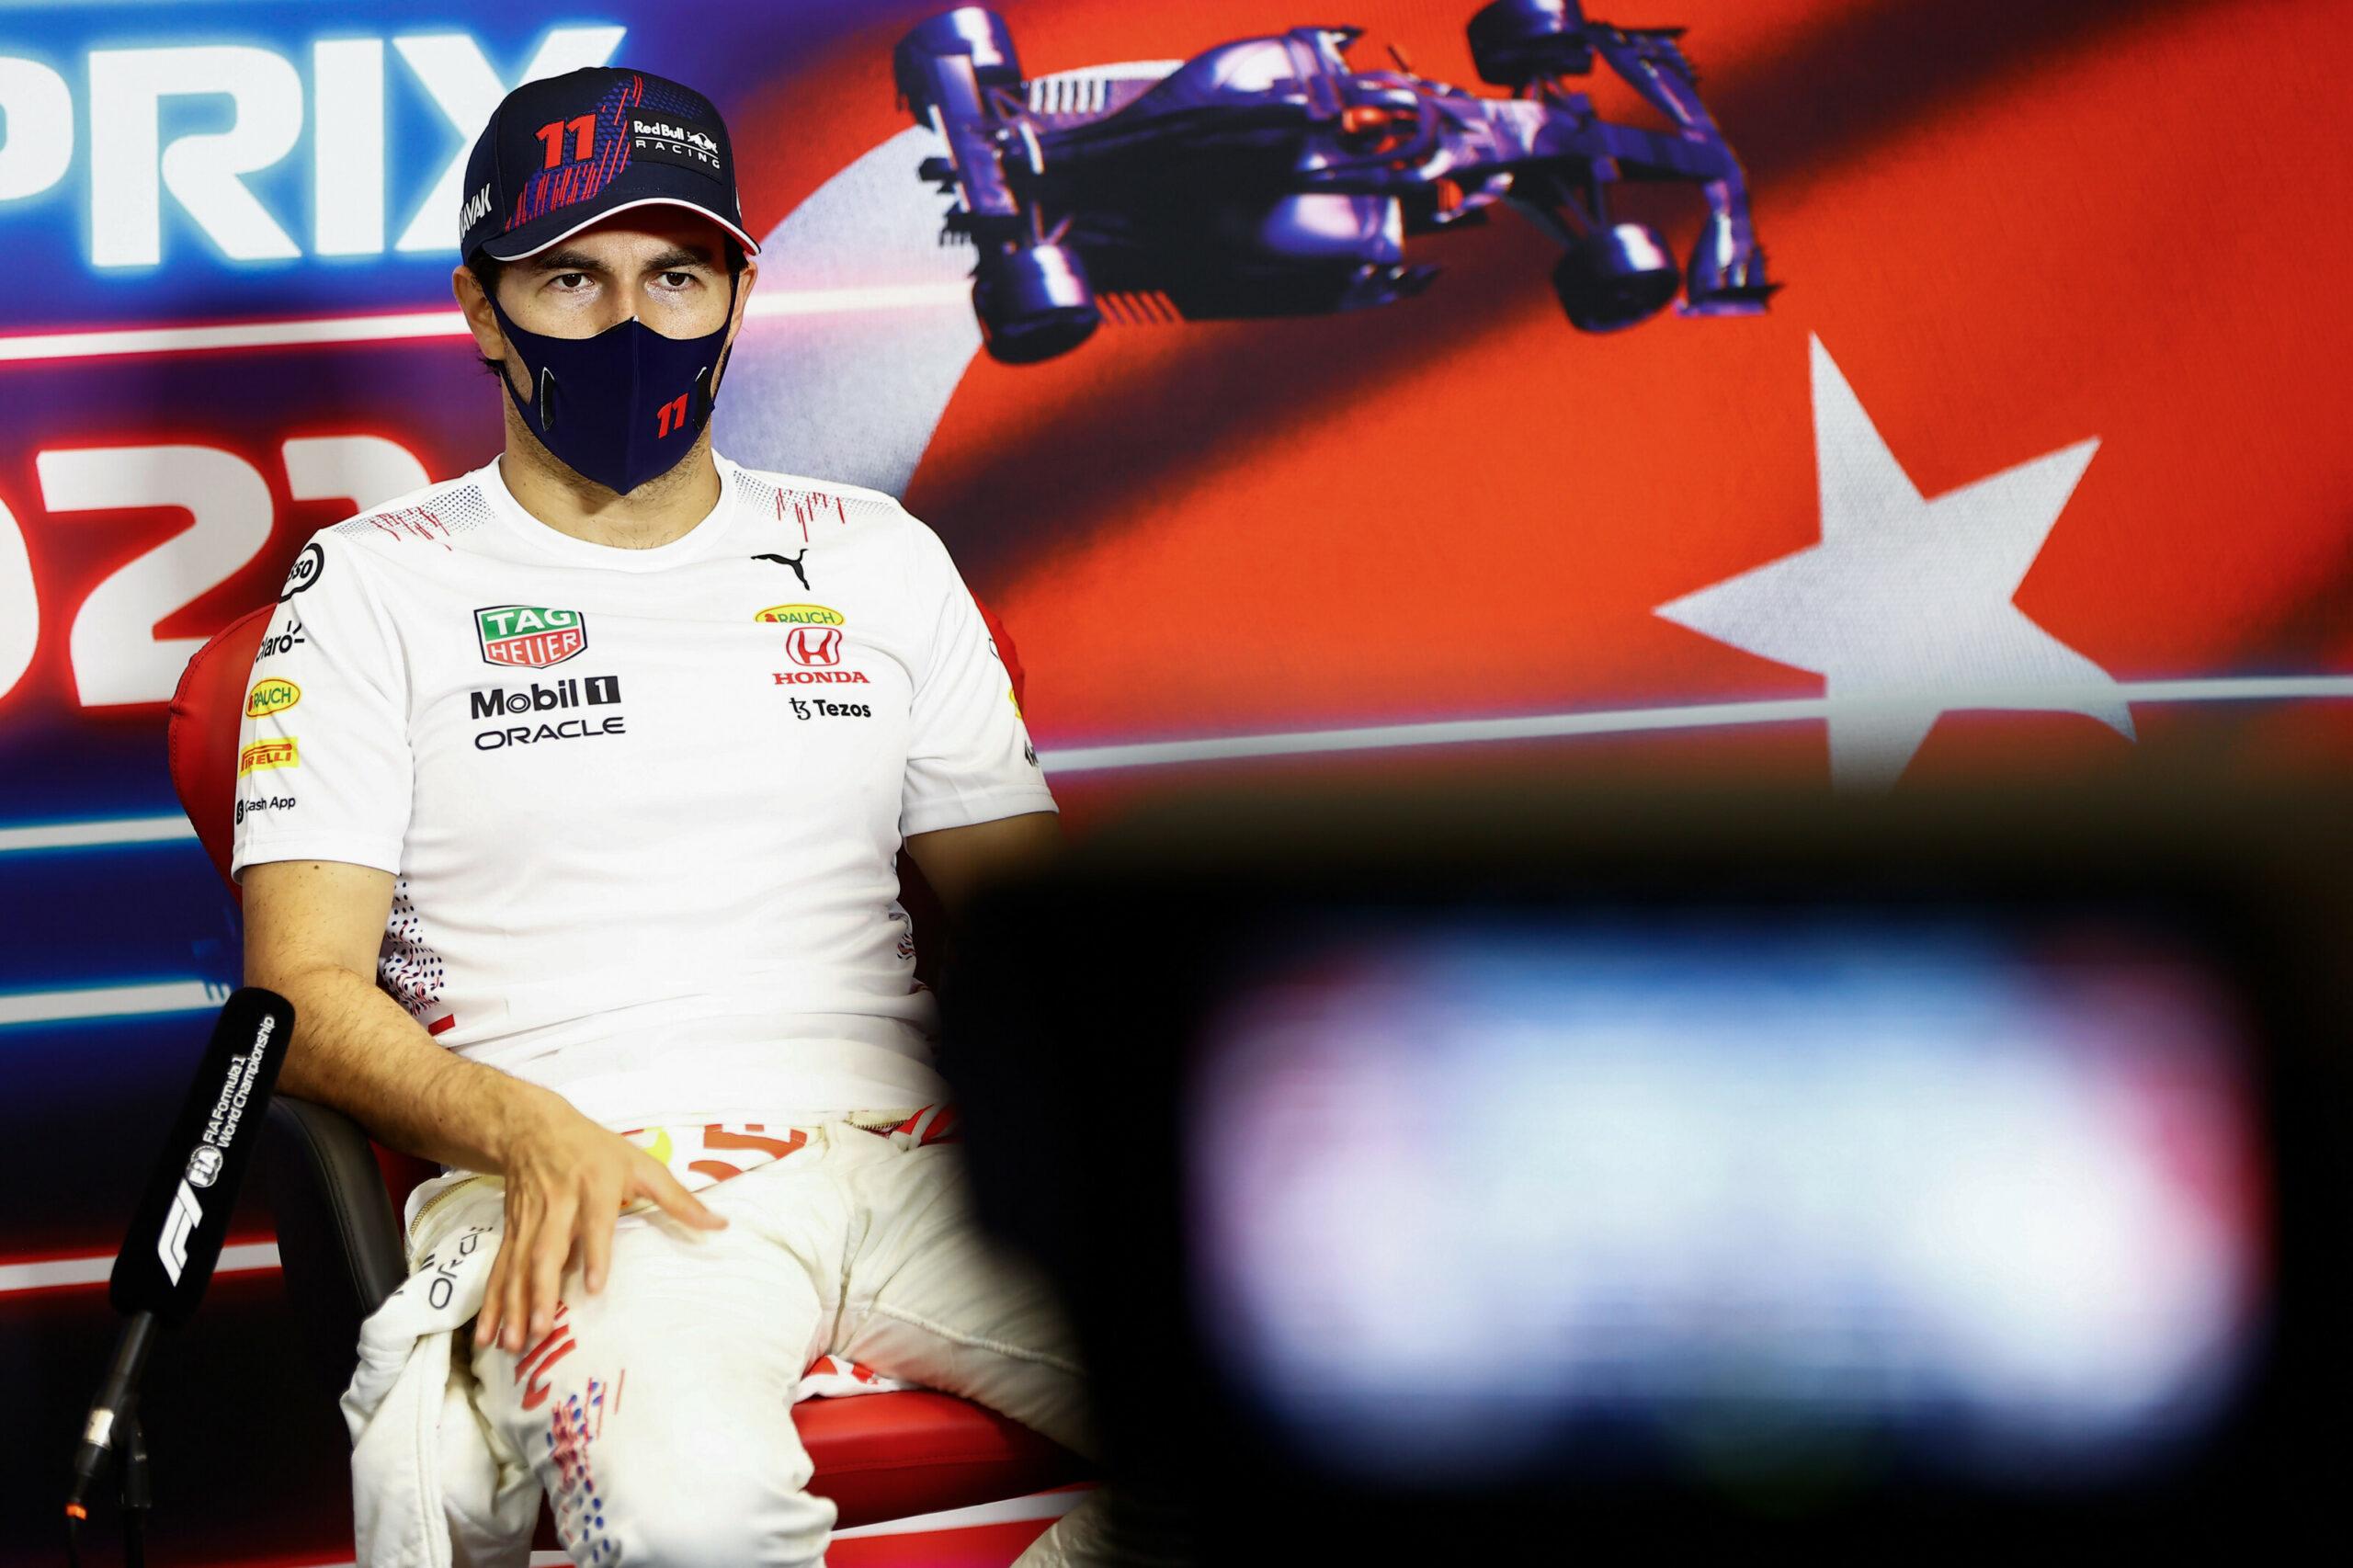 F1 - Horner impressionné par le pilotage de Perez en Turquie